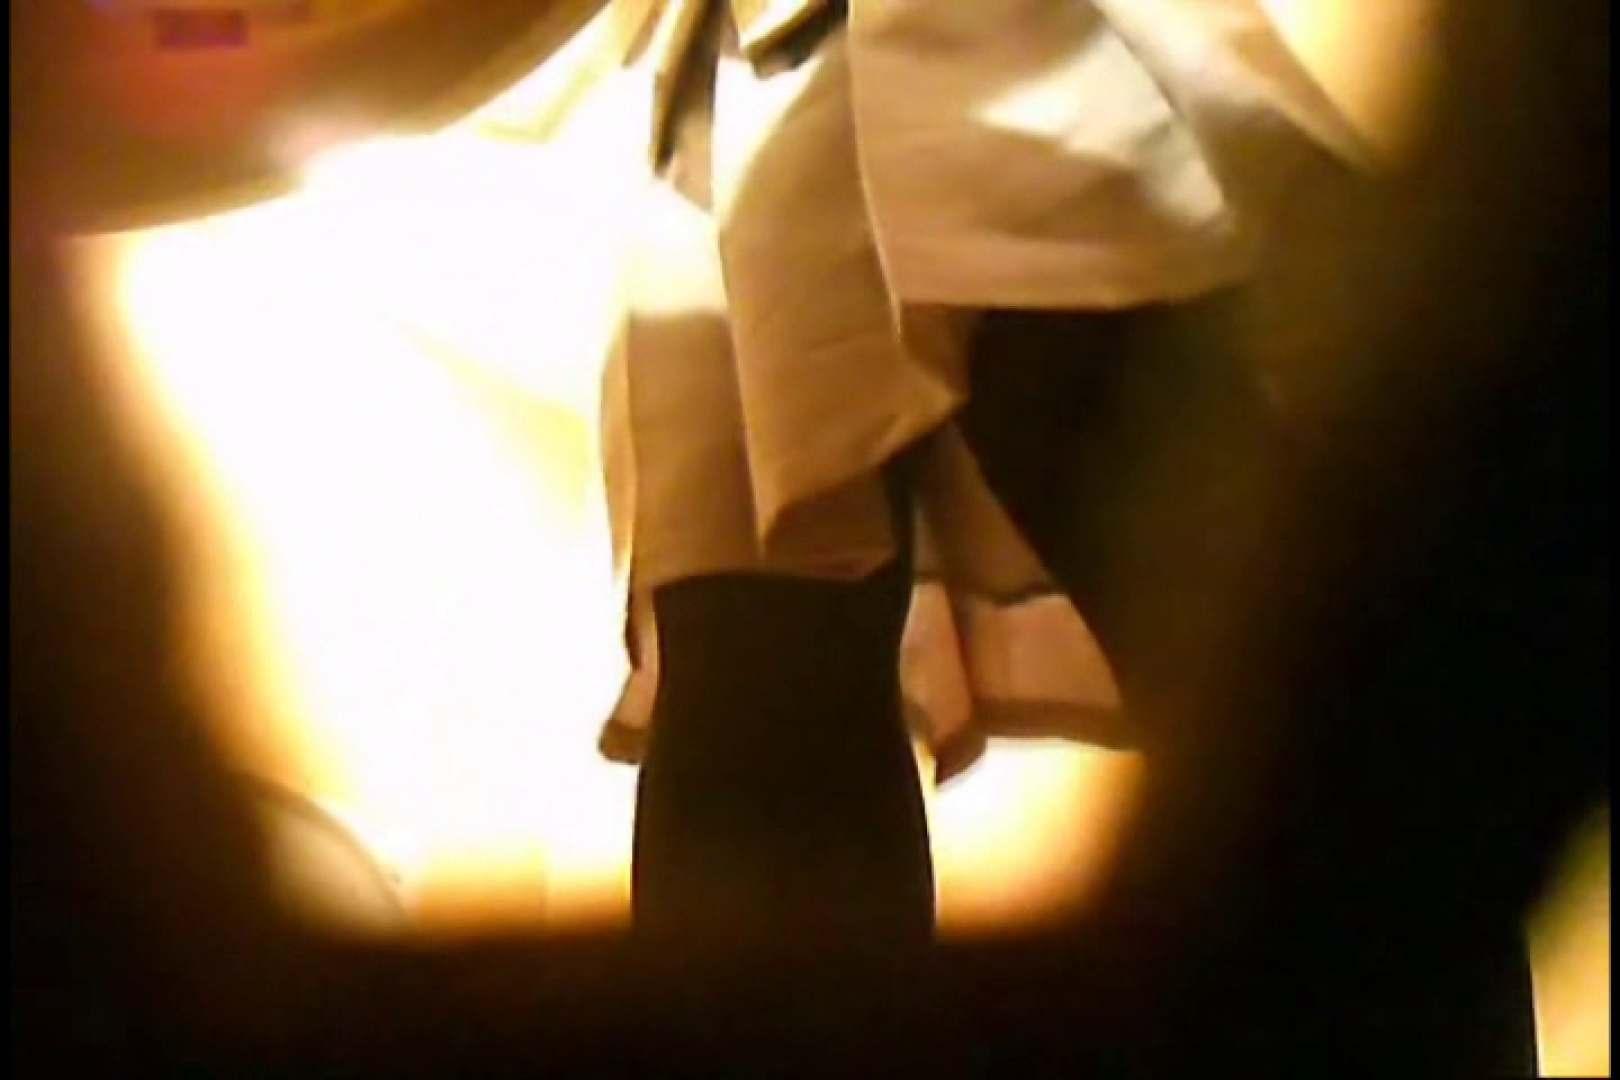 画質向上!新亀さん厠 vol.09 潜入 アダルト動画キャプチャ 65画像 39